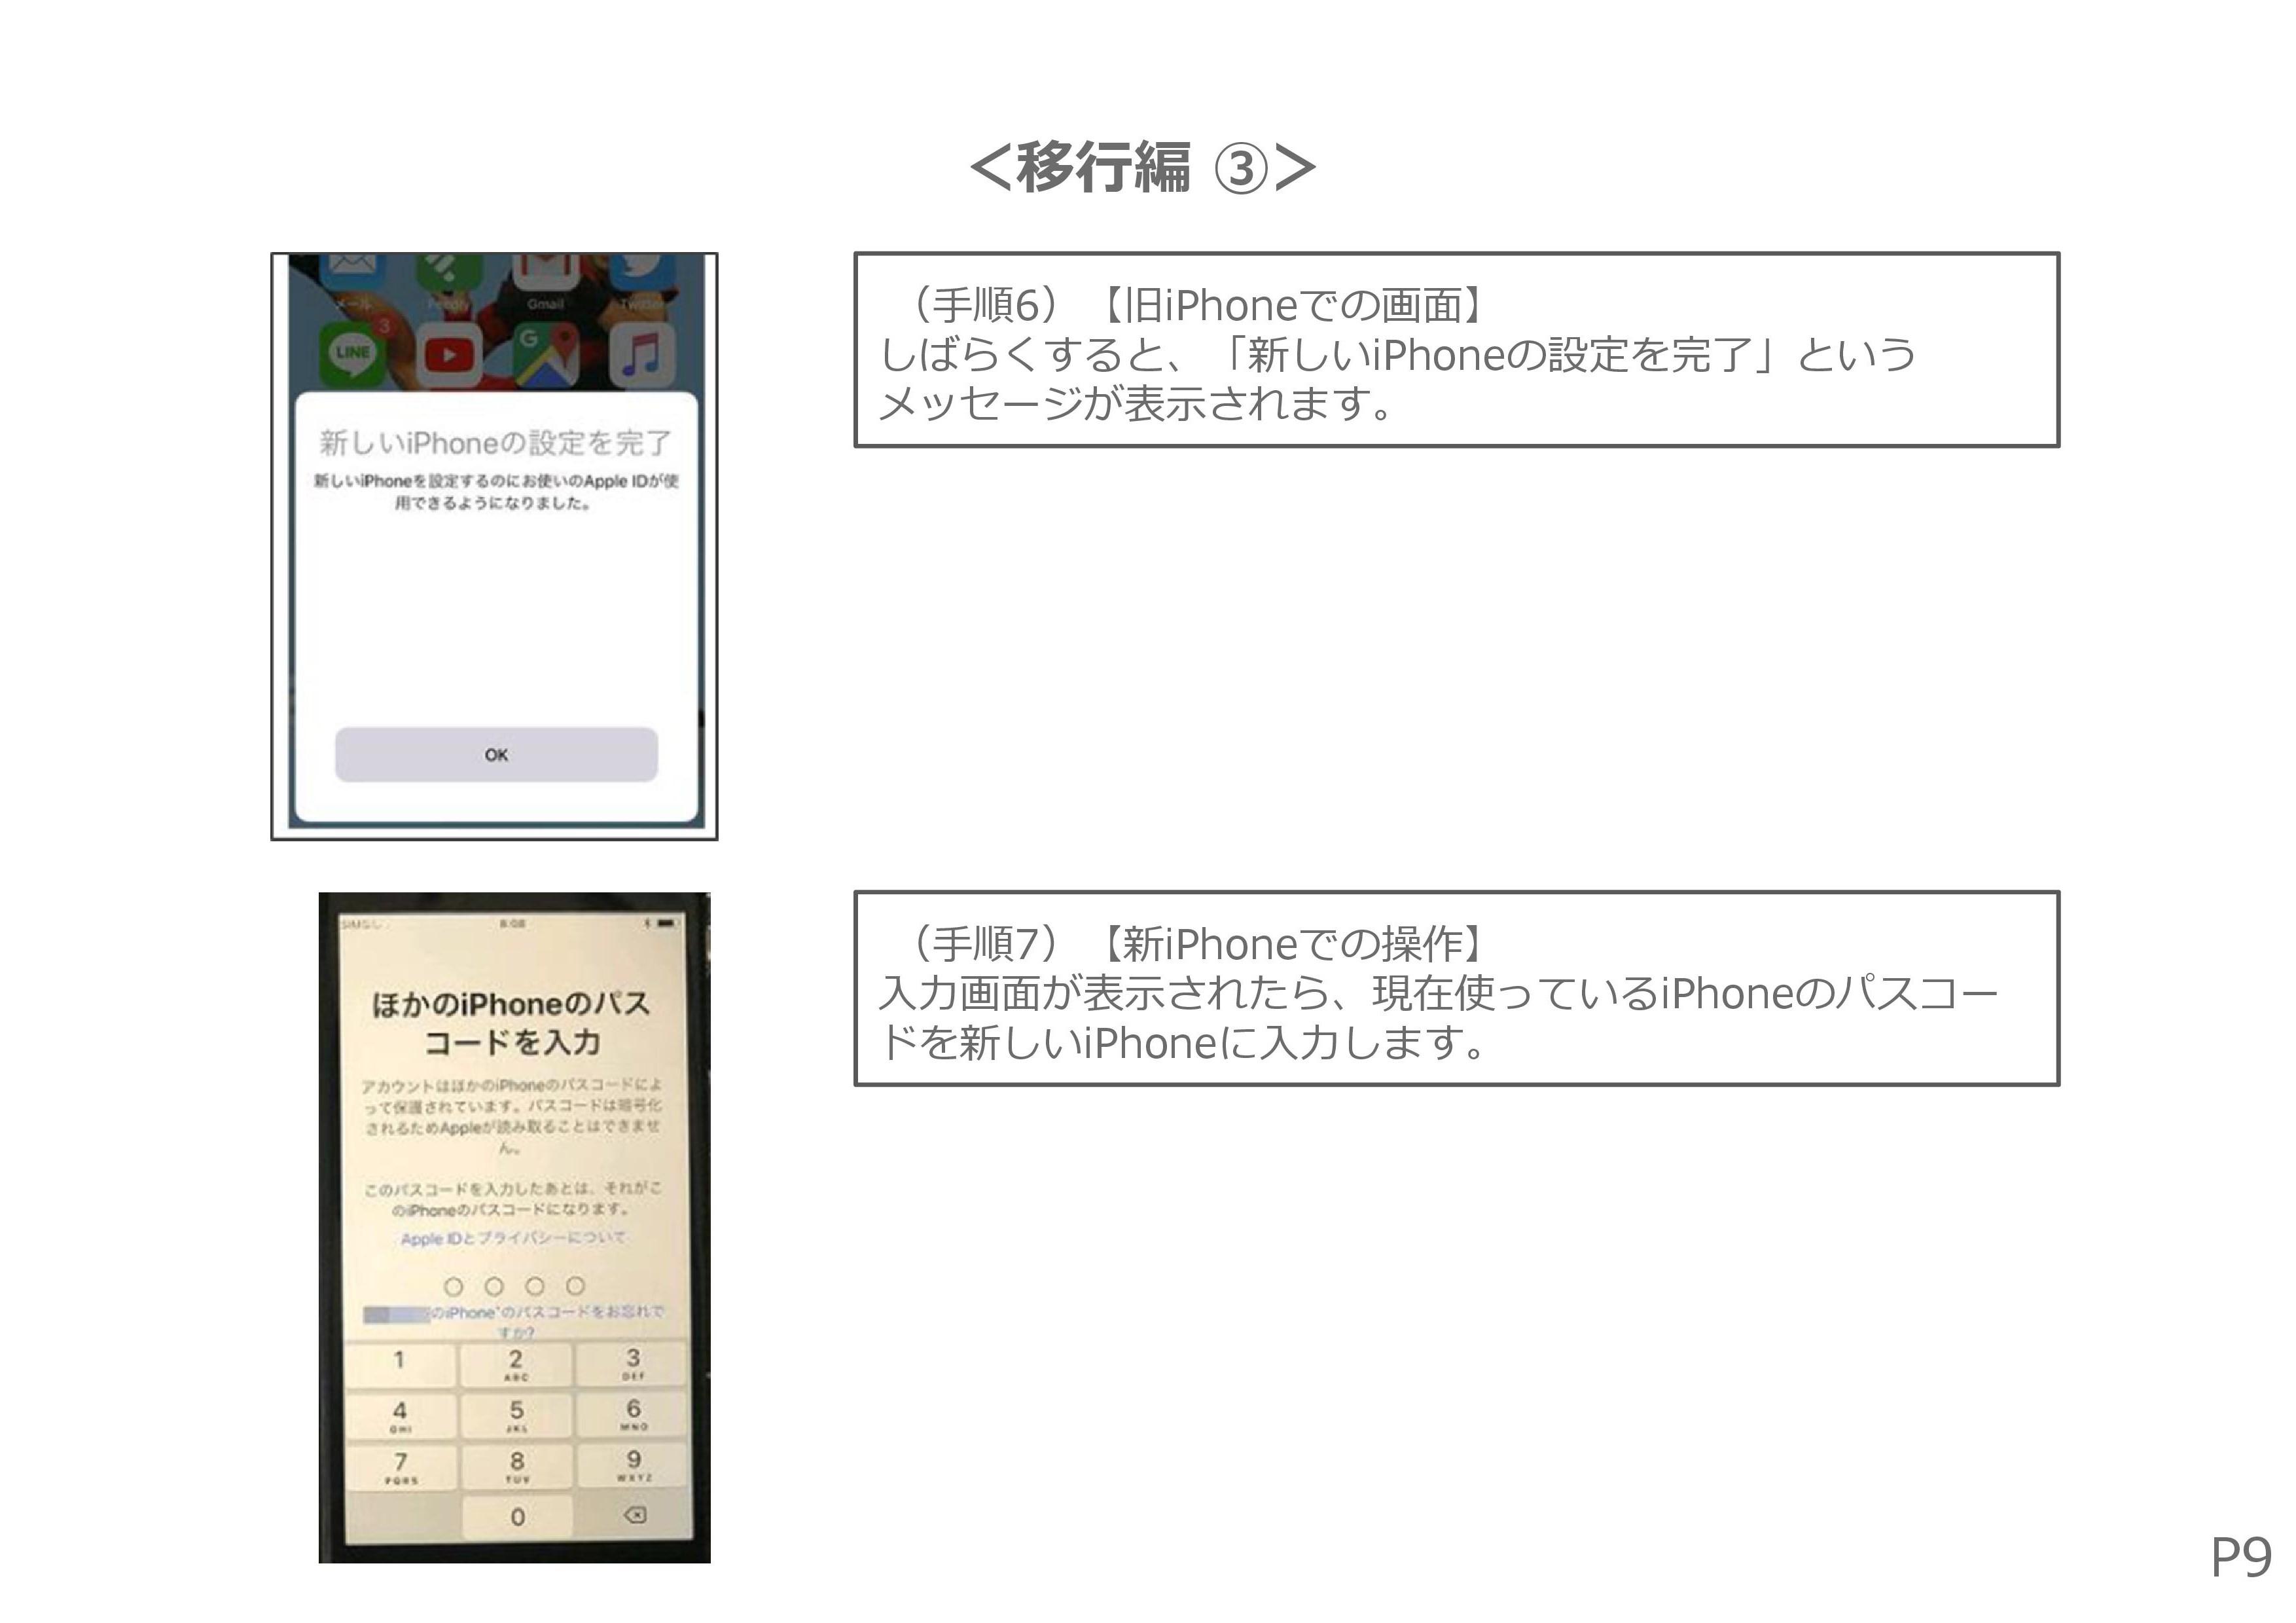 の パス 入力 を の ほか iphone コード